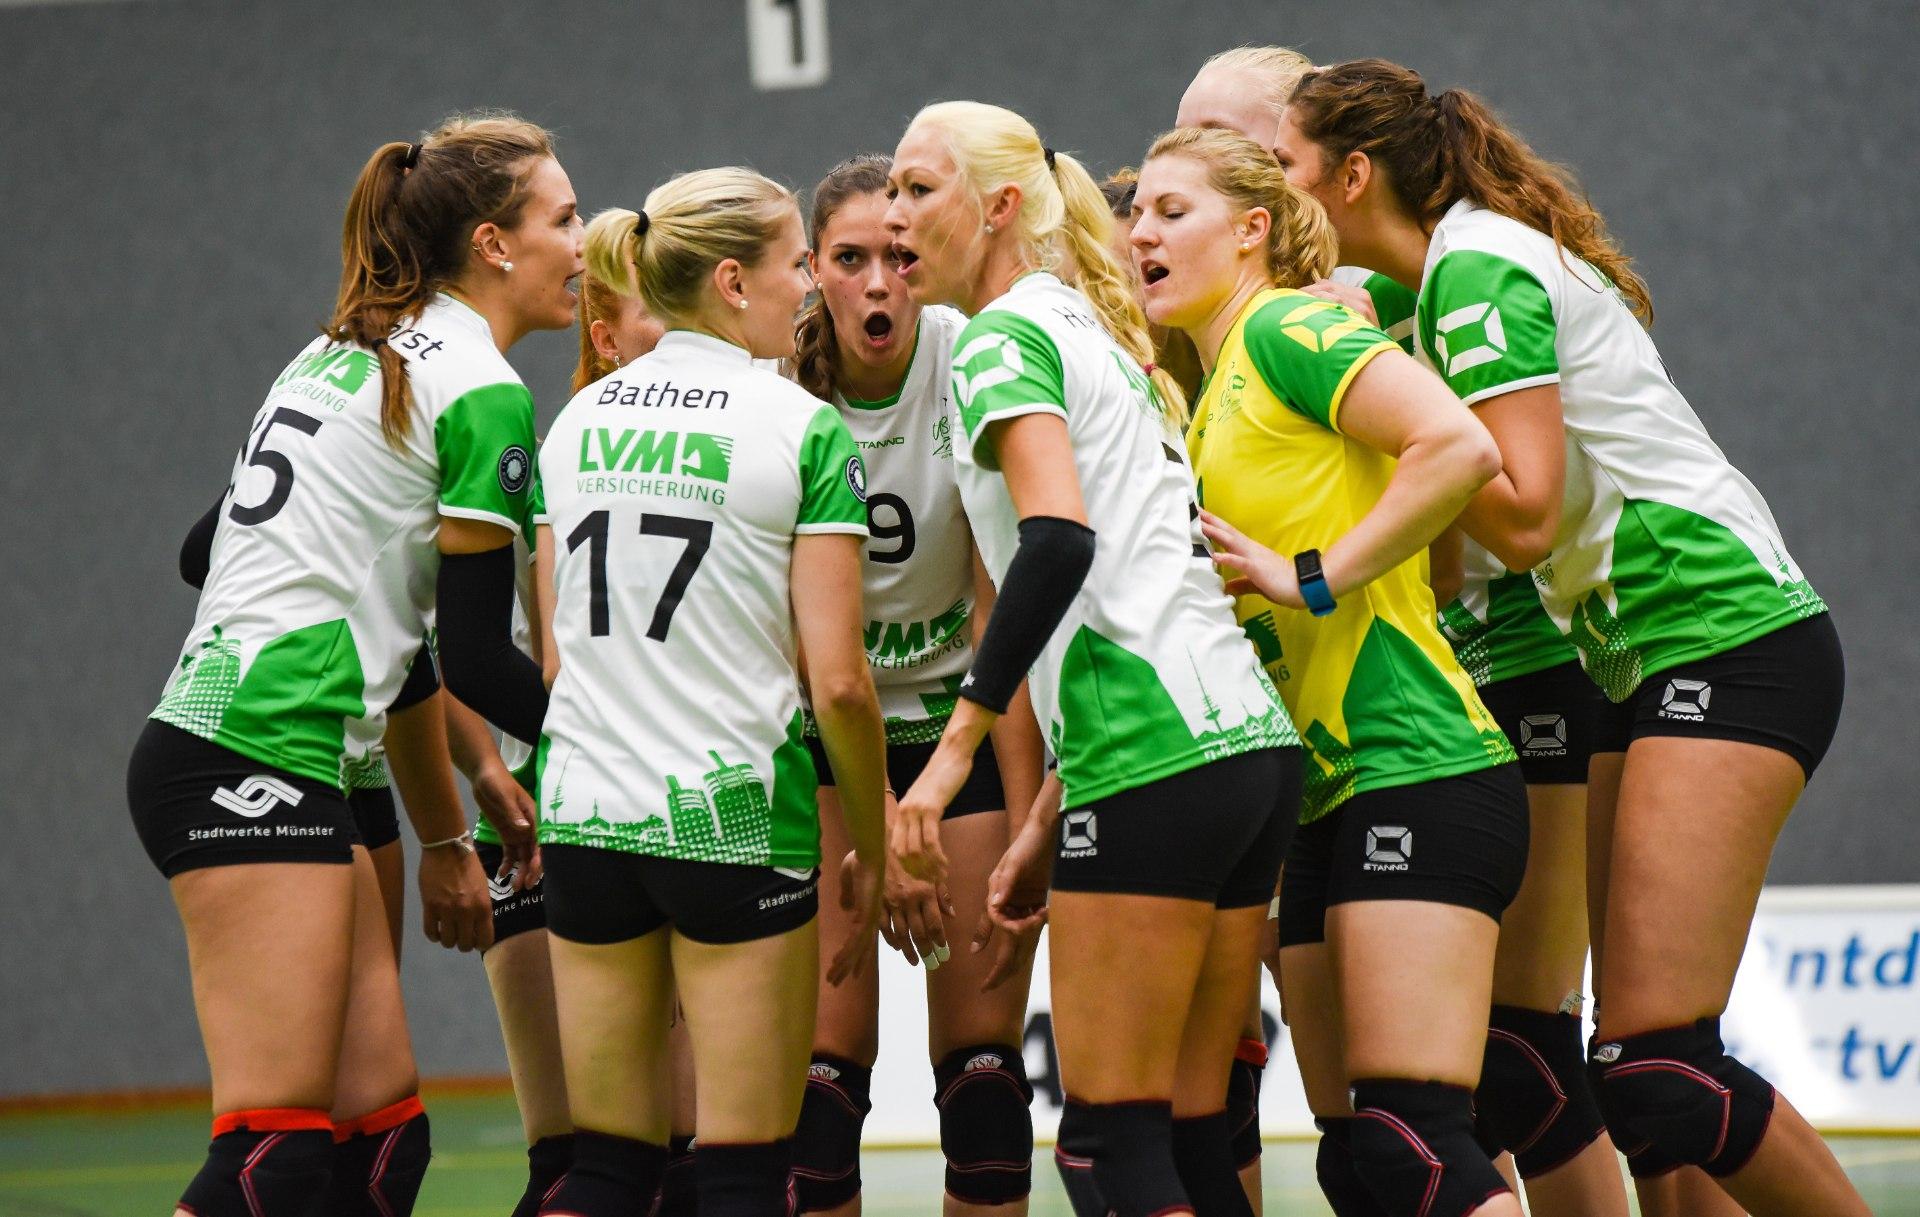 Volleyball Münster